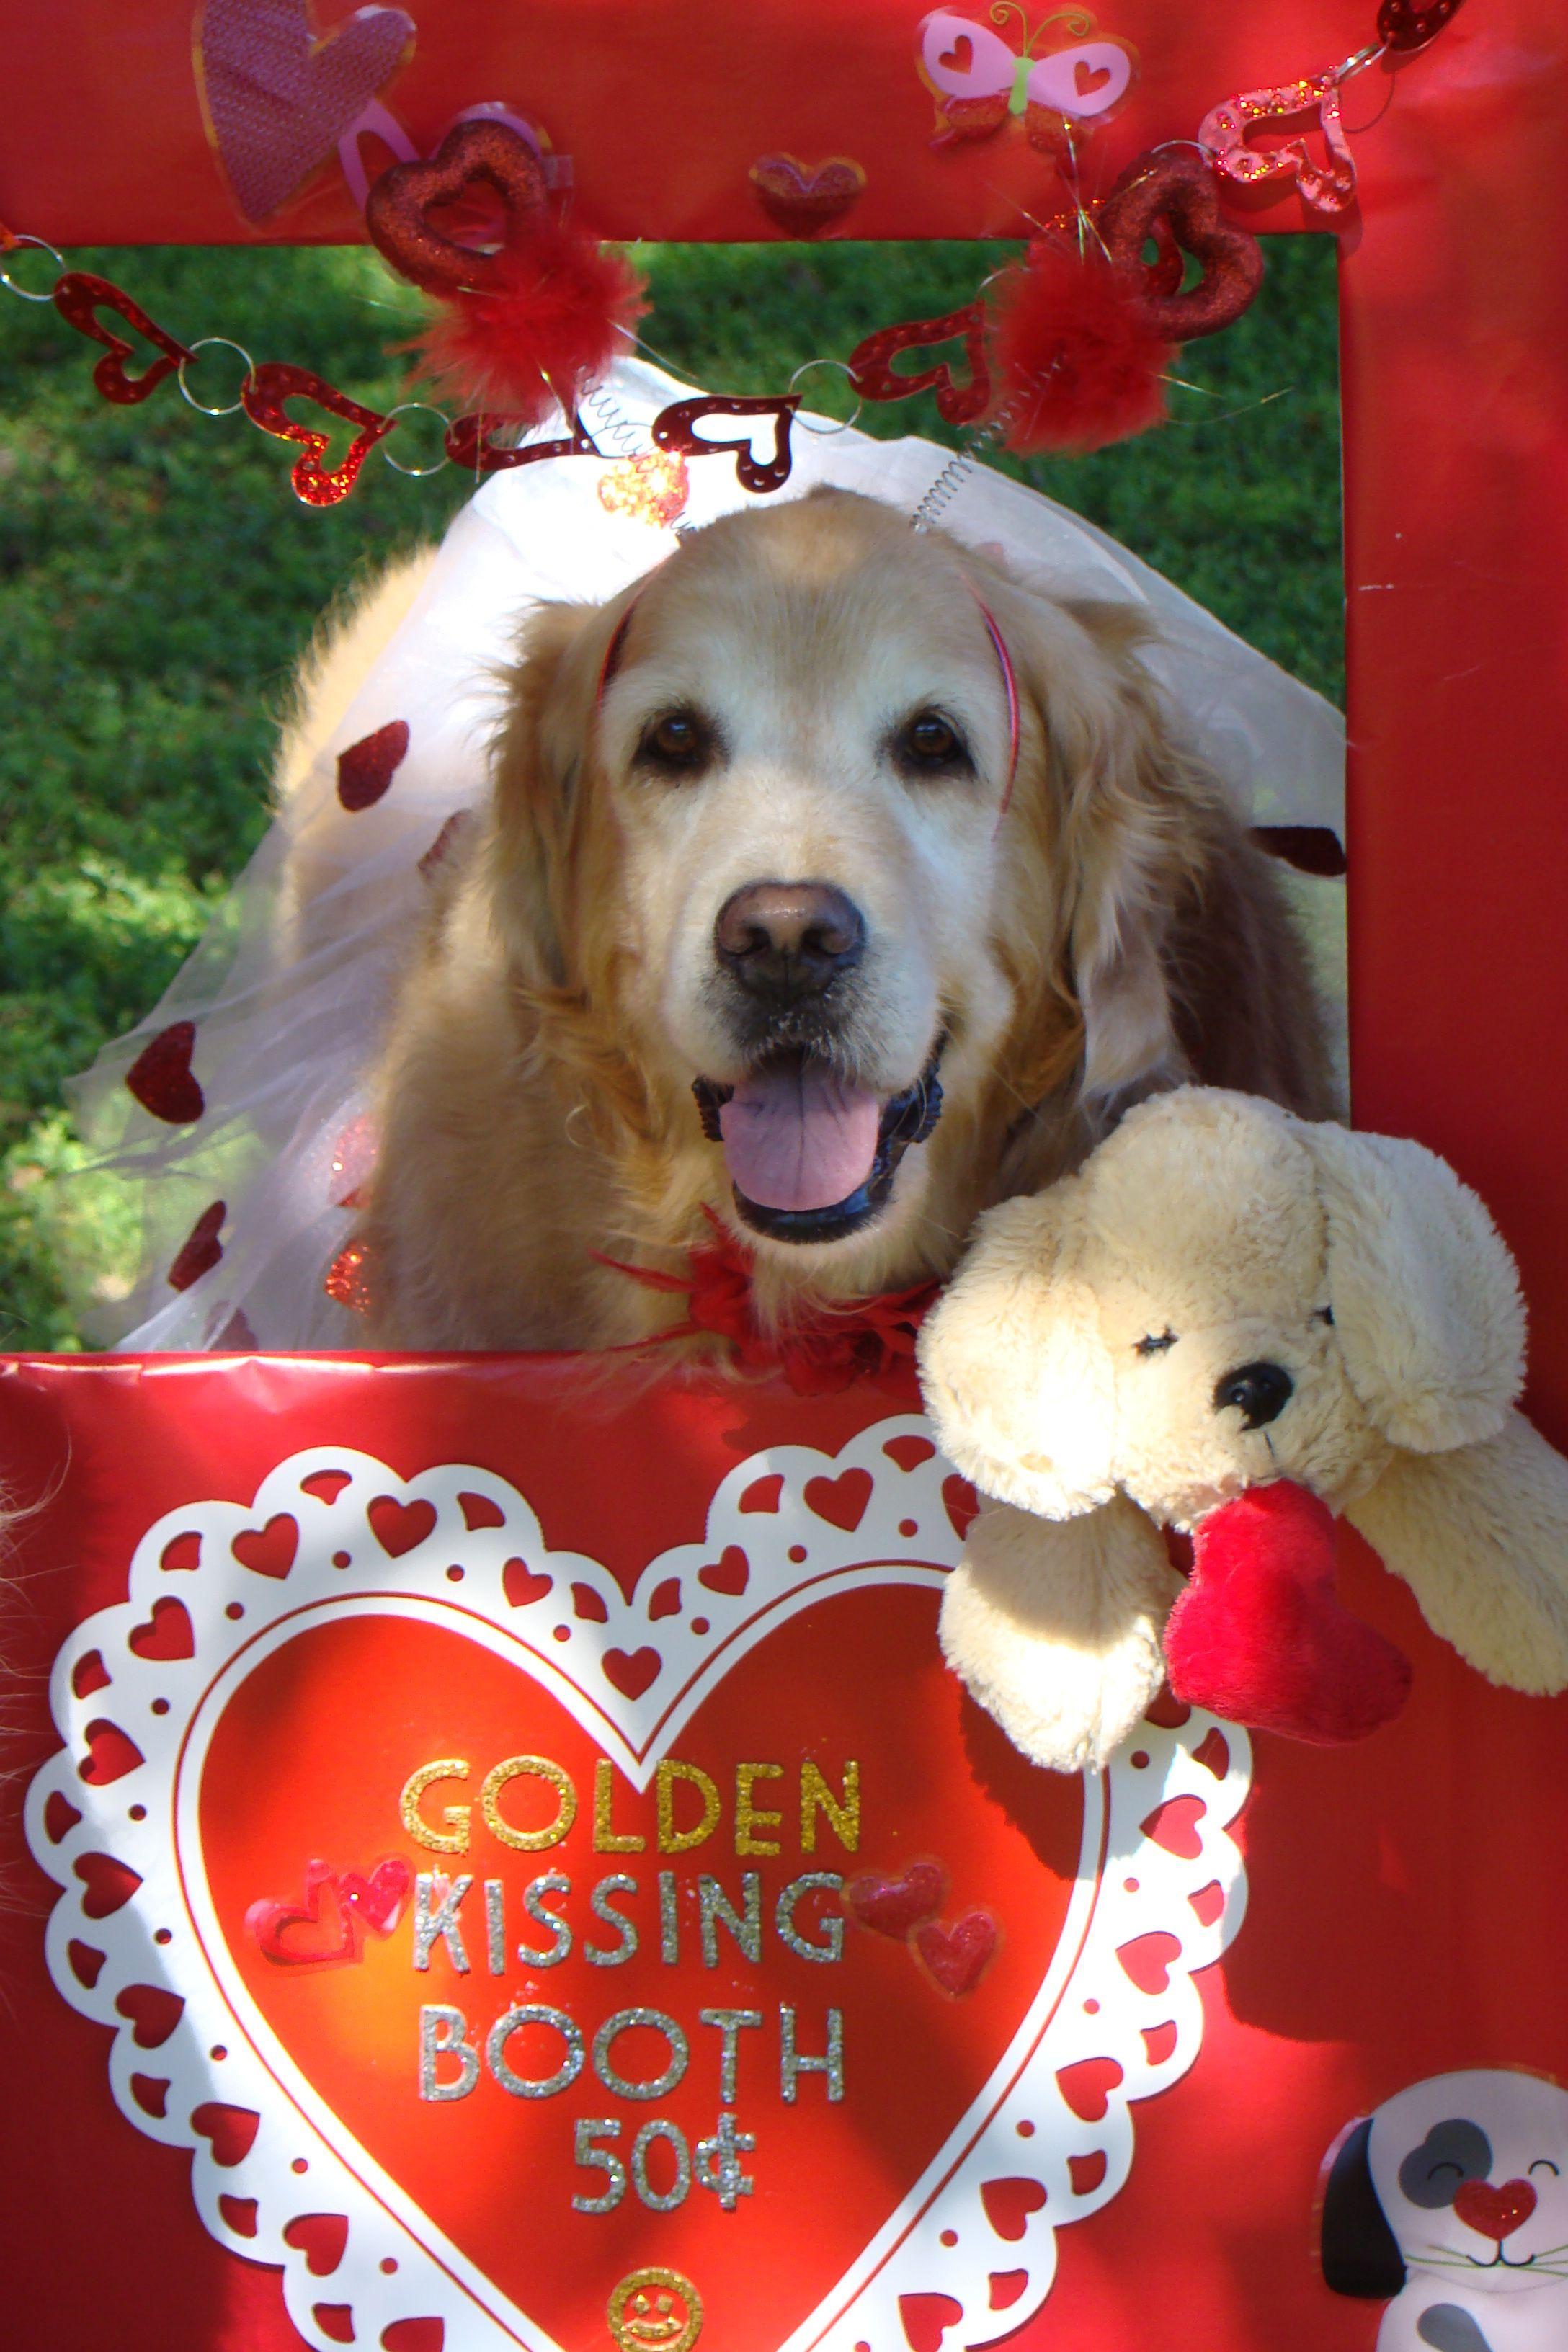 Golden Retriever Valentine Pictures